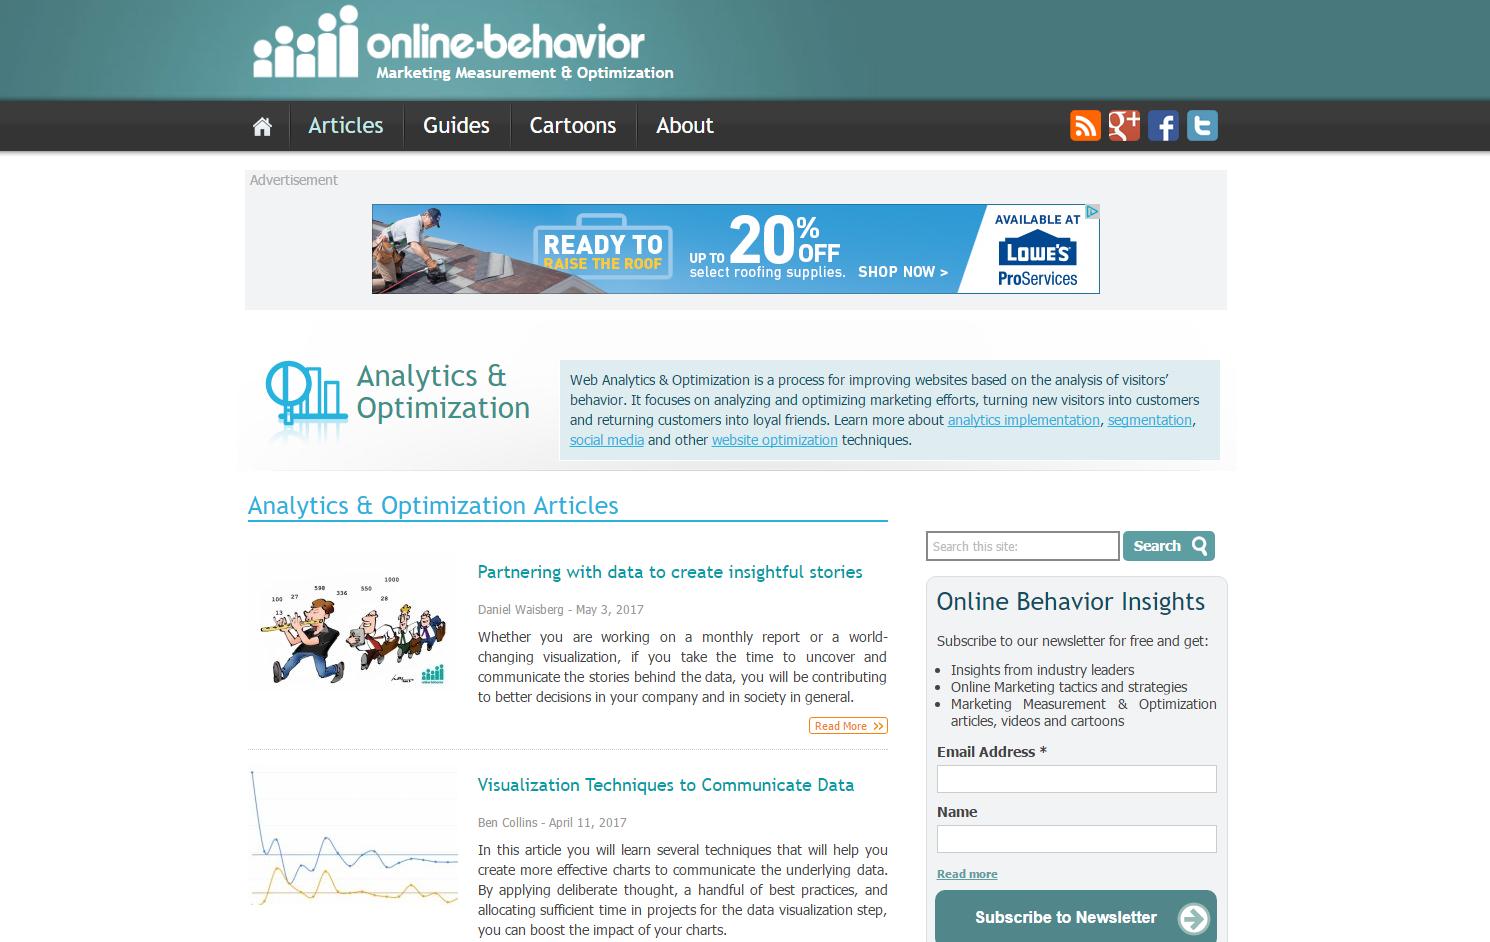 Online-Behavior